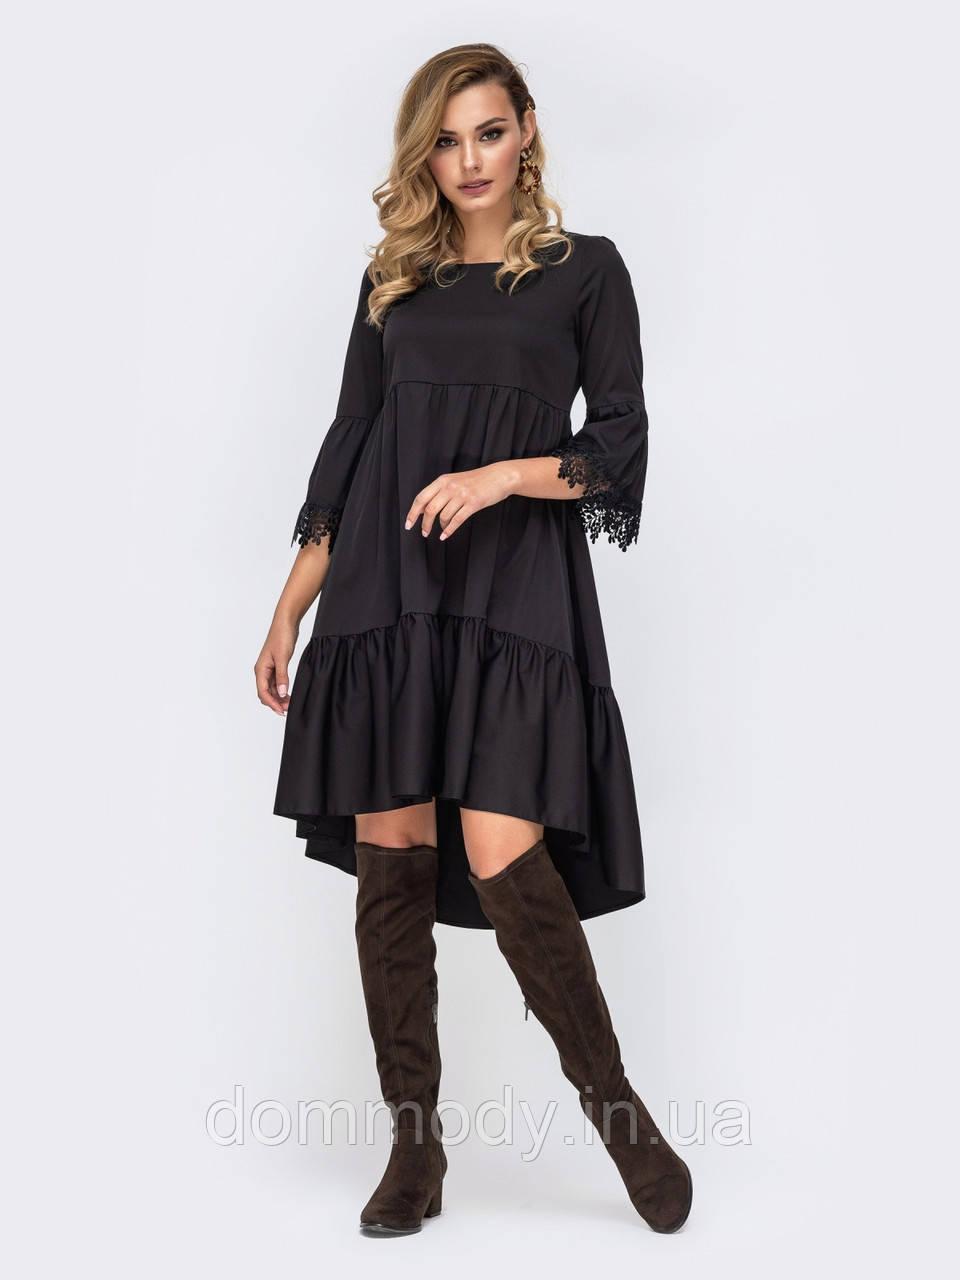 Платье женское Feast black